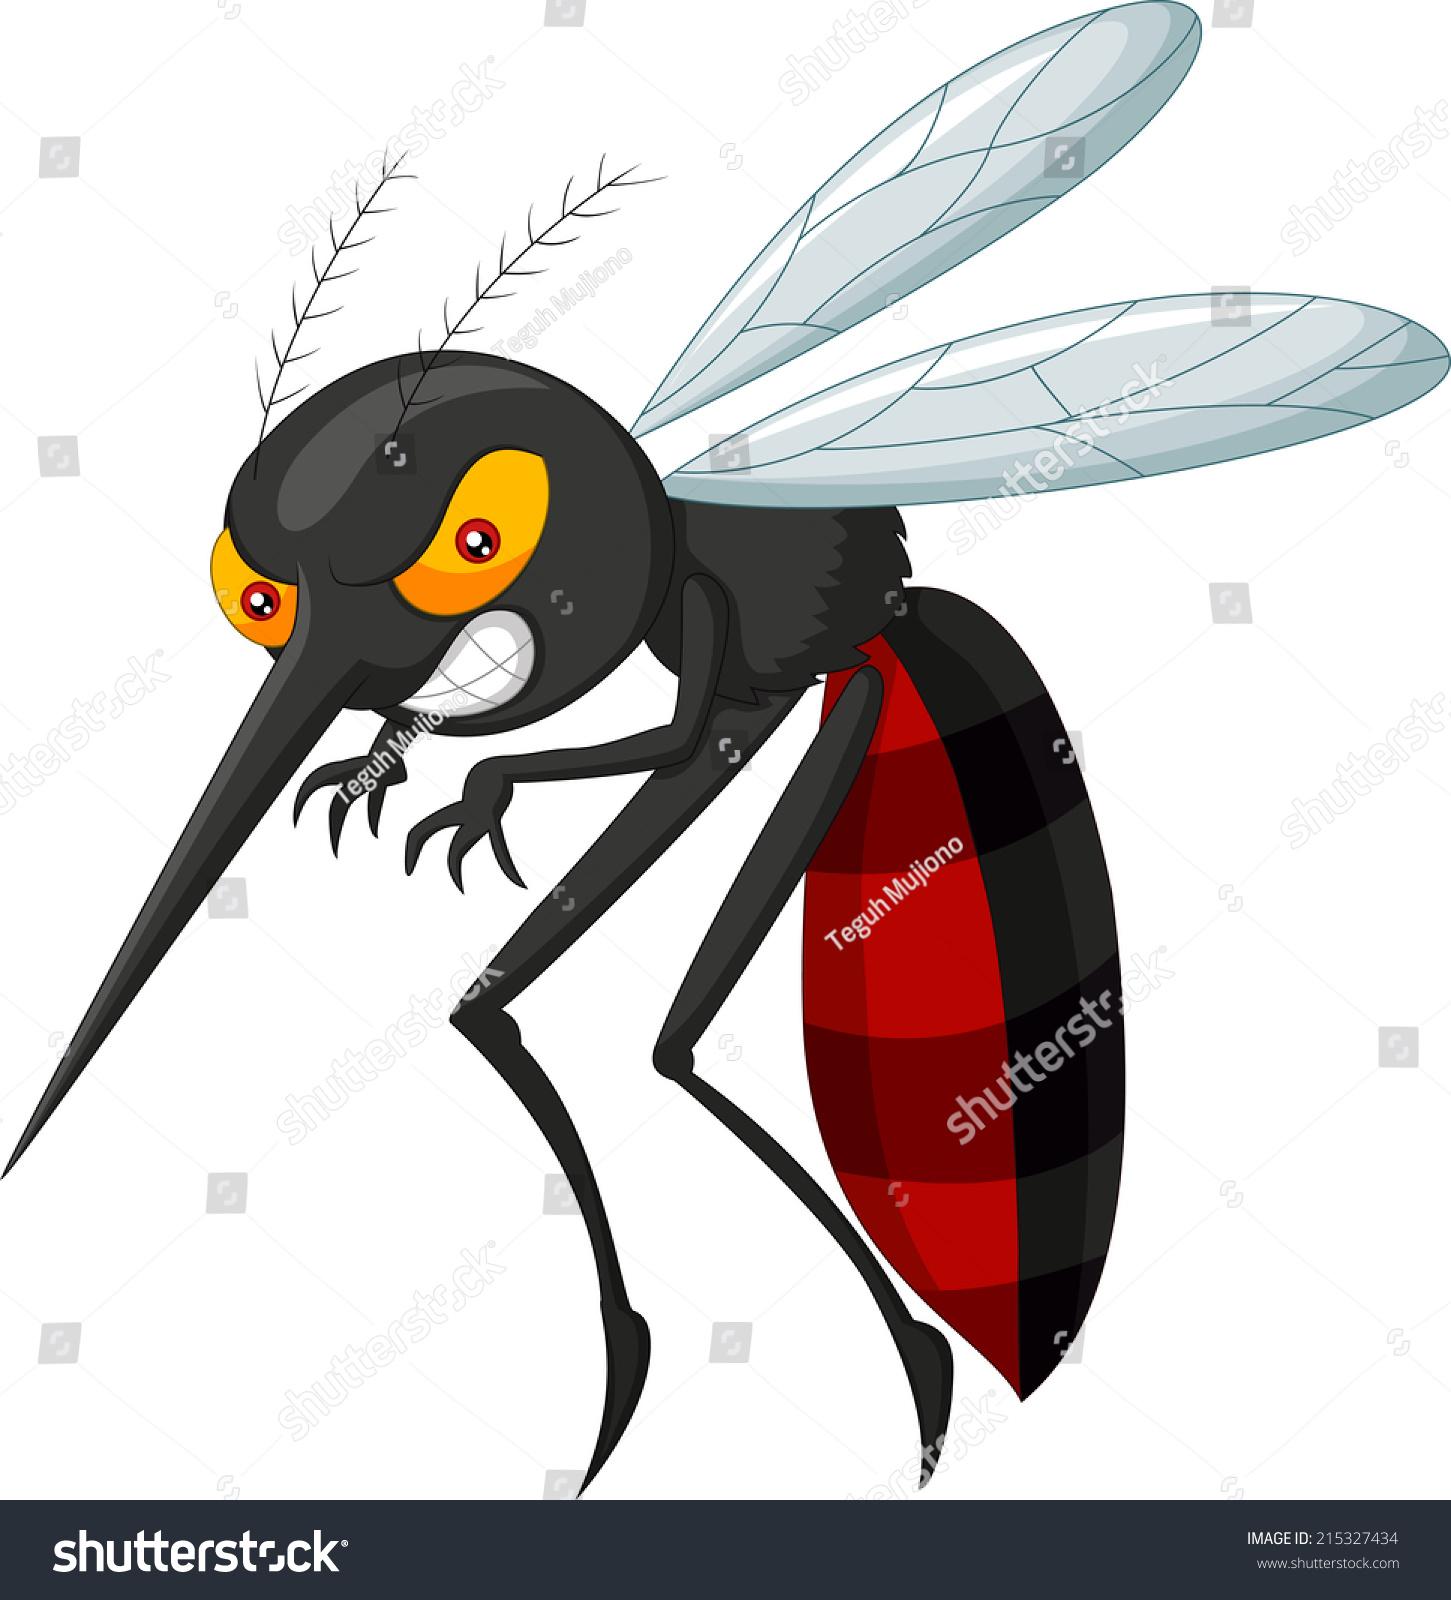 愤怒的蚊子卡通-动物/野生生物-海洛创意(hellorf)